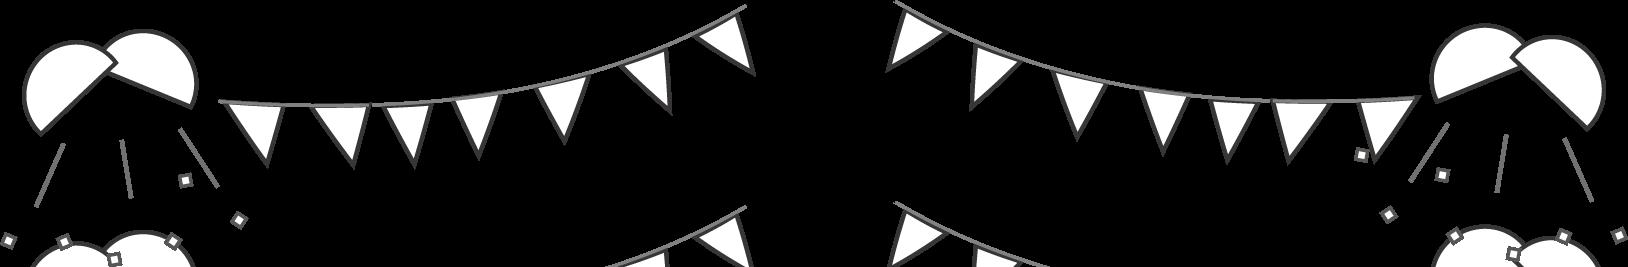 「罫線 フリー シンプル」の画像検索結果